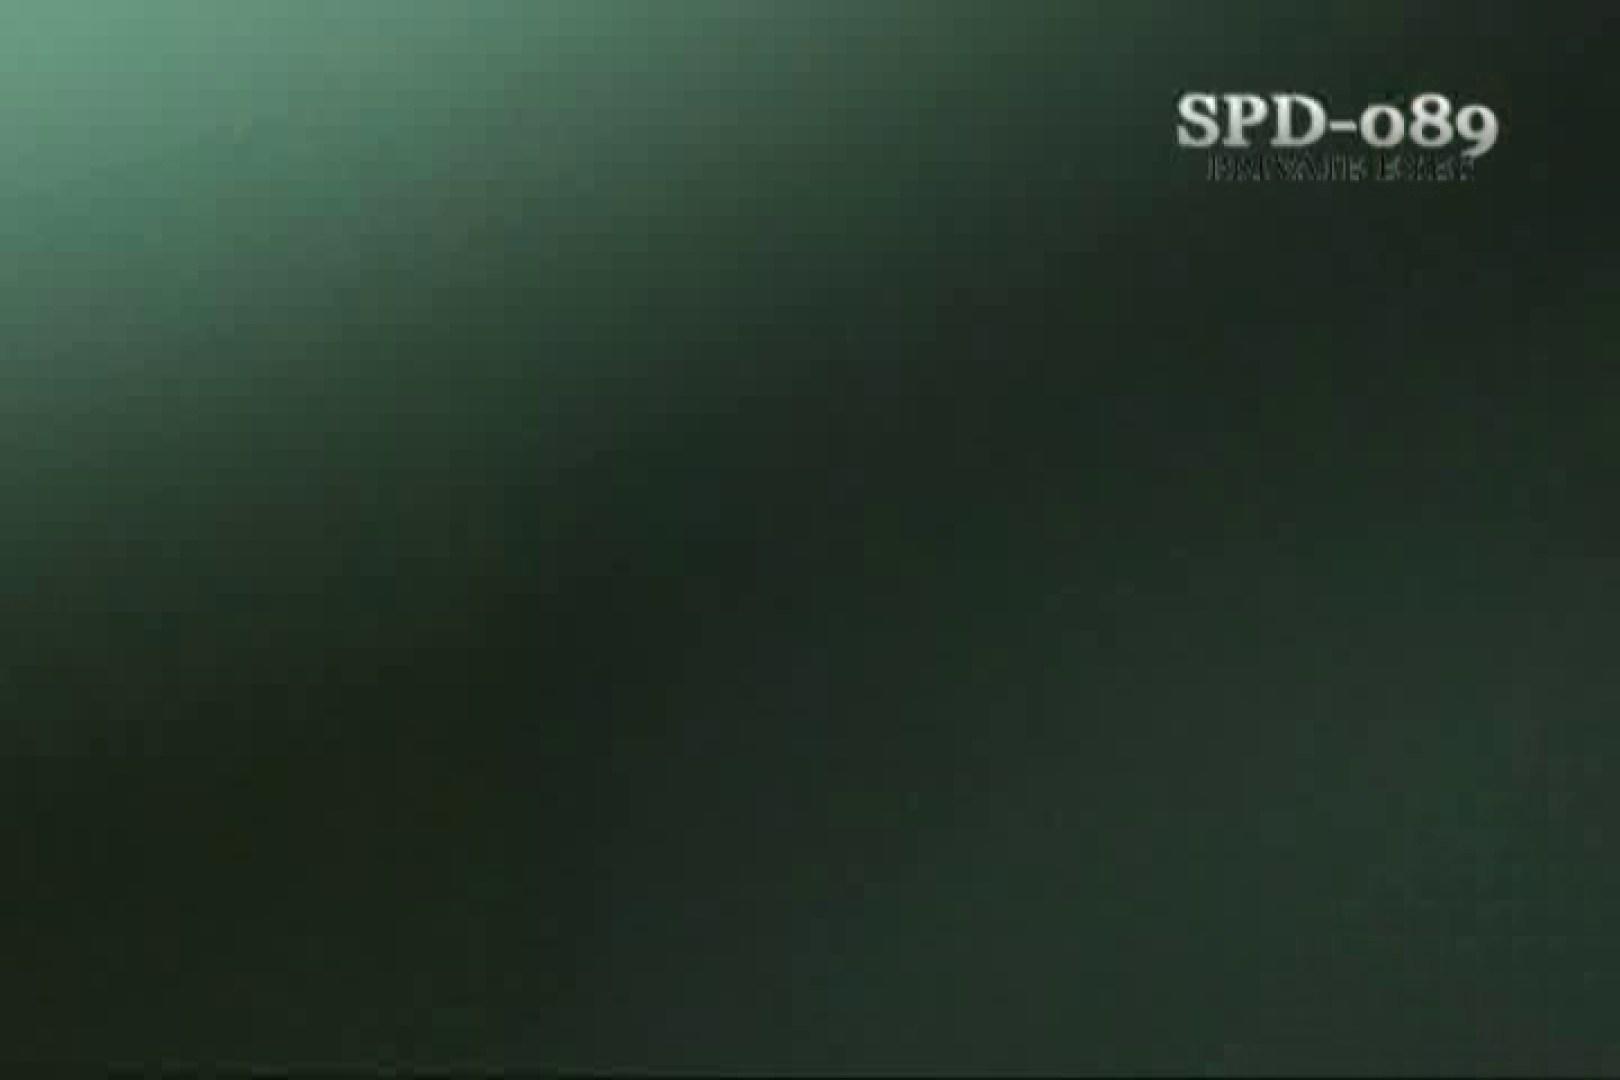 高画質版!SPD-089 厠の隙間 4 厠 | 名作  58pic 45